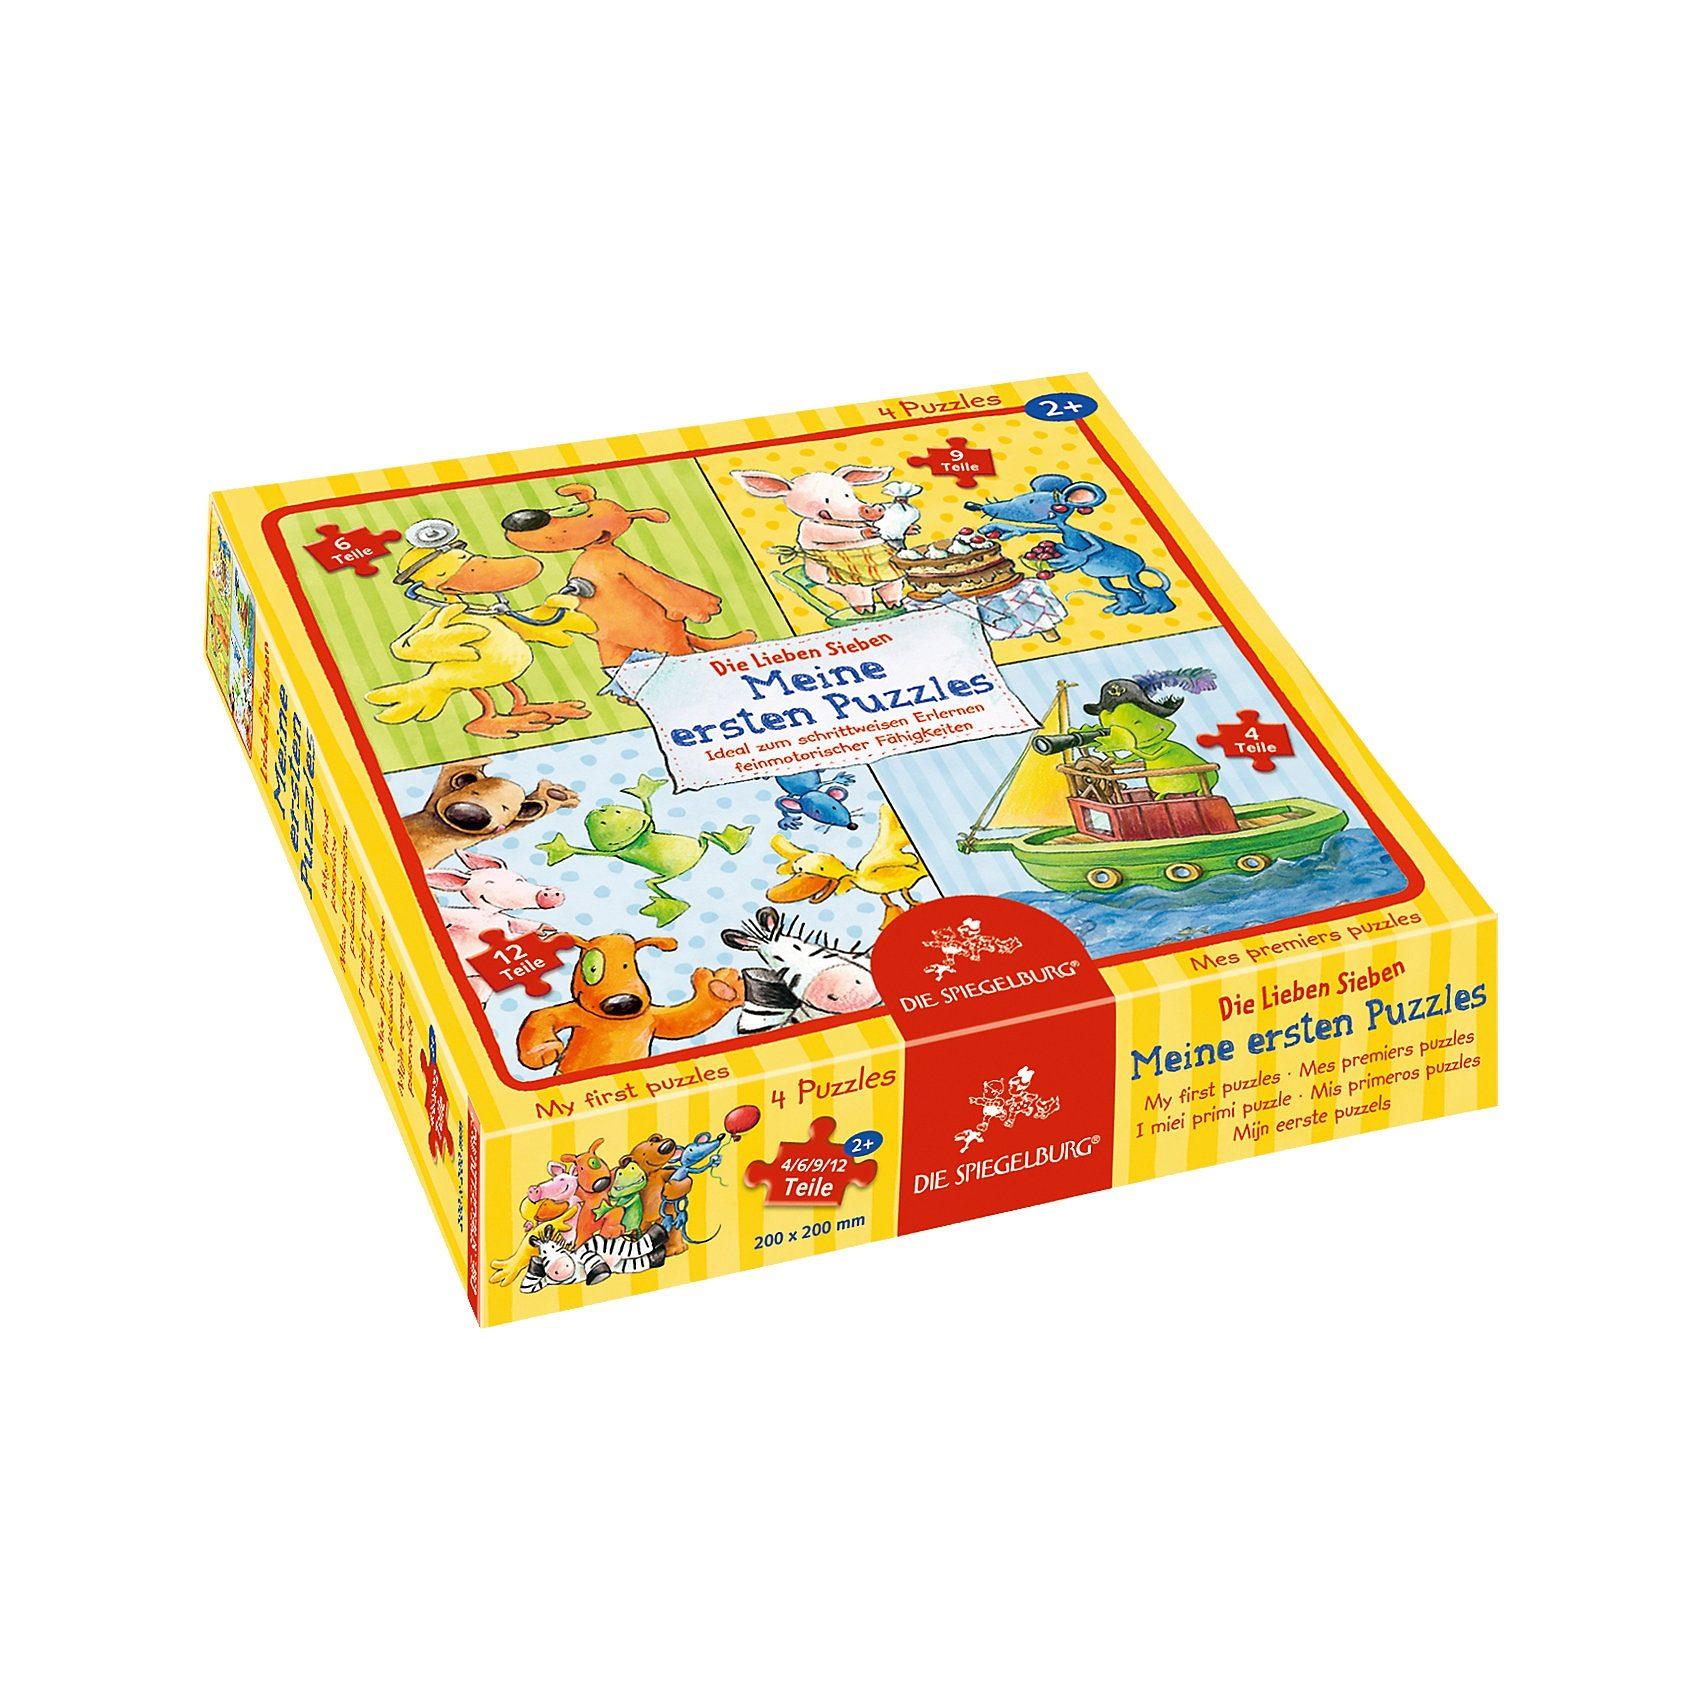 Spiegelburg Meine ersten Puzzles Die Lieben Sieben (4/6/9/12 Teile)